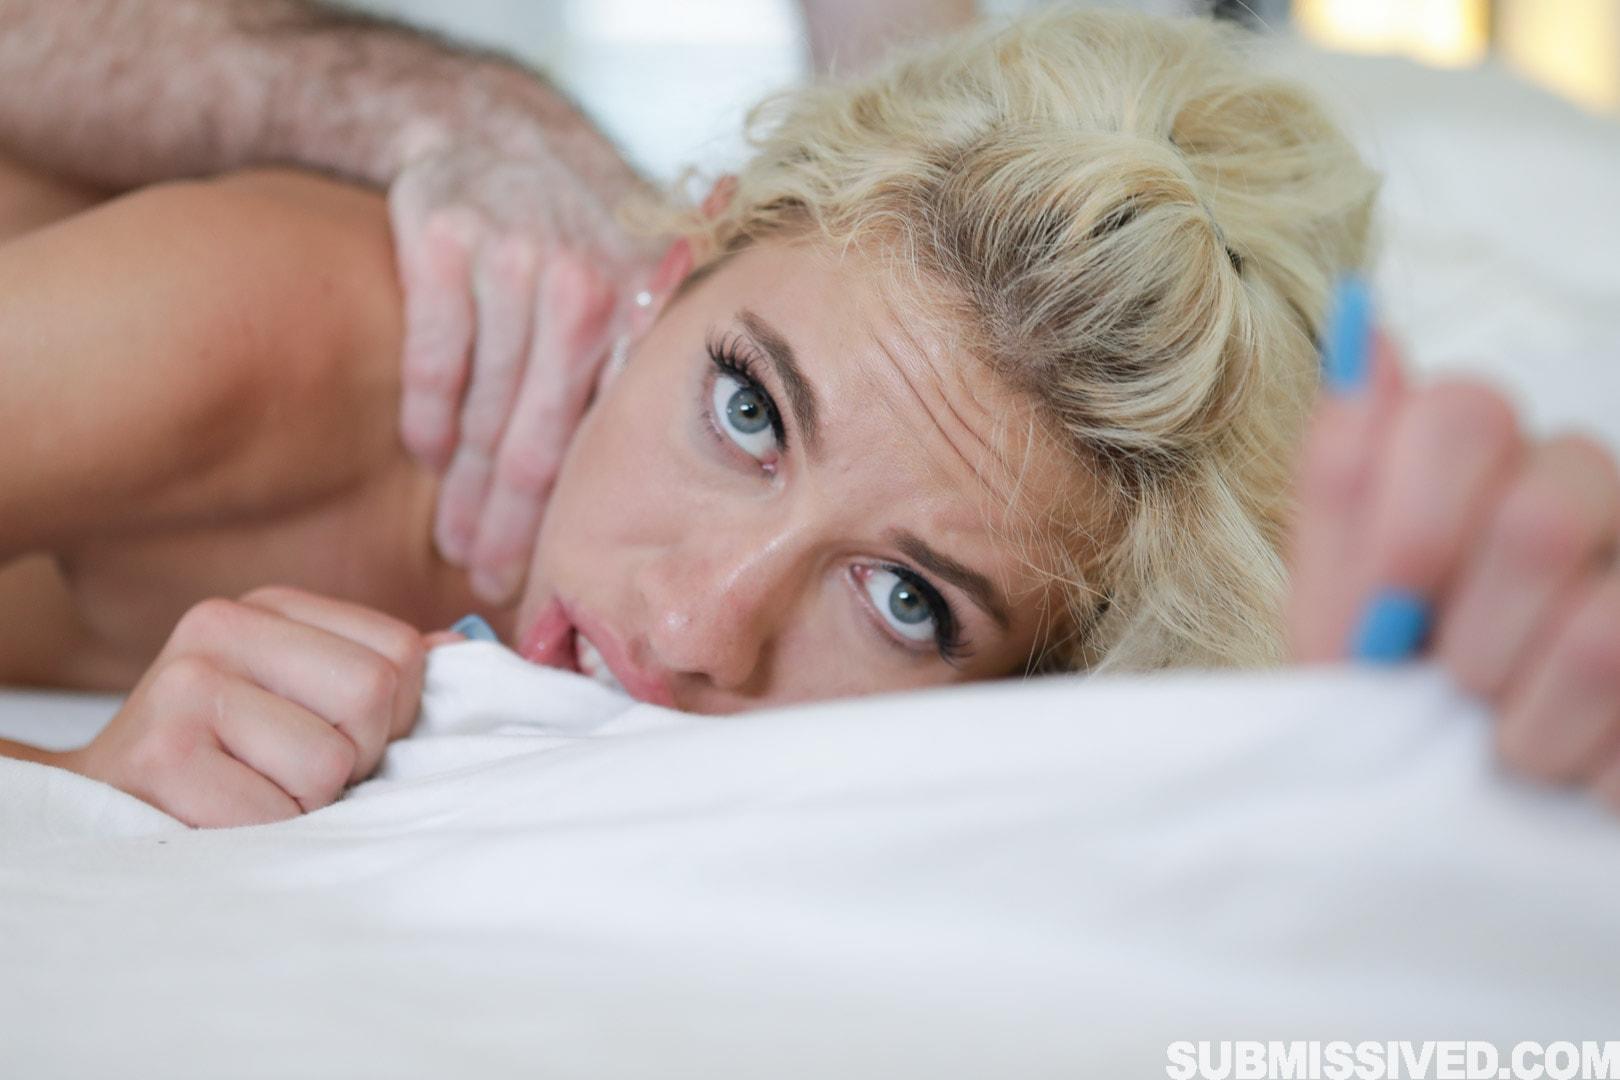 Team Skeet 'Spanking A Submissive Scammer' starring Khloe Kapri (Photo 117)